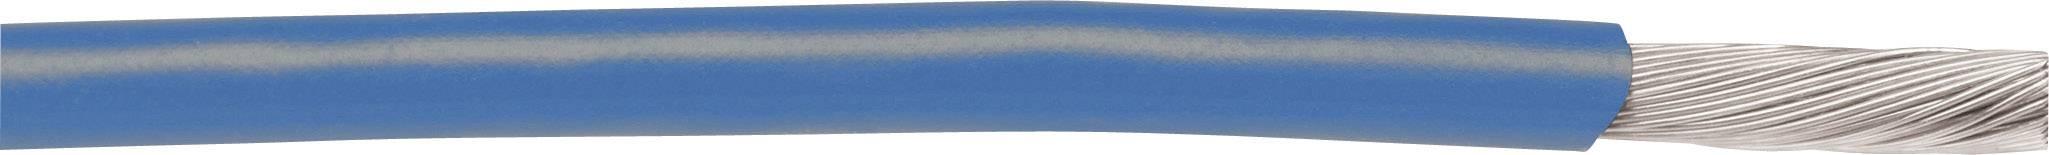 Pletenica 1 x 0.82 mm, modra AlphaWire 6825 30.5 m